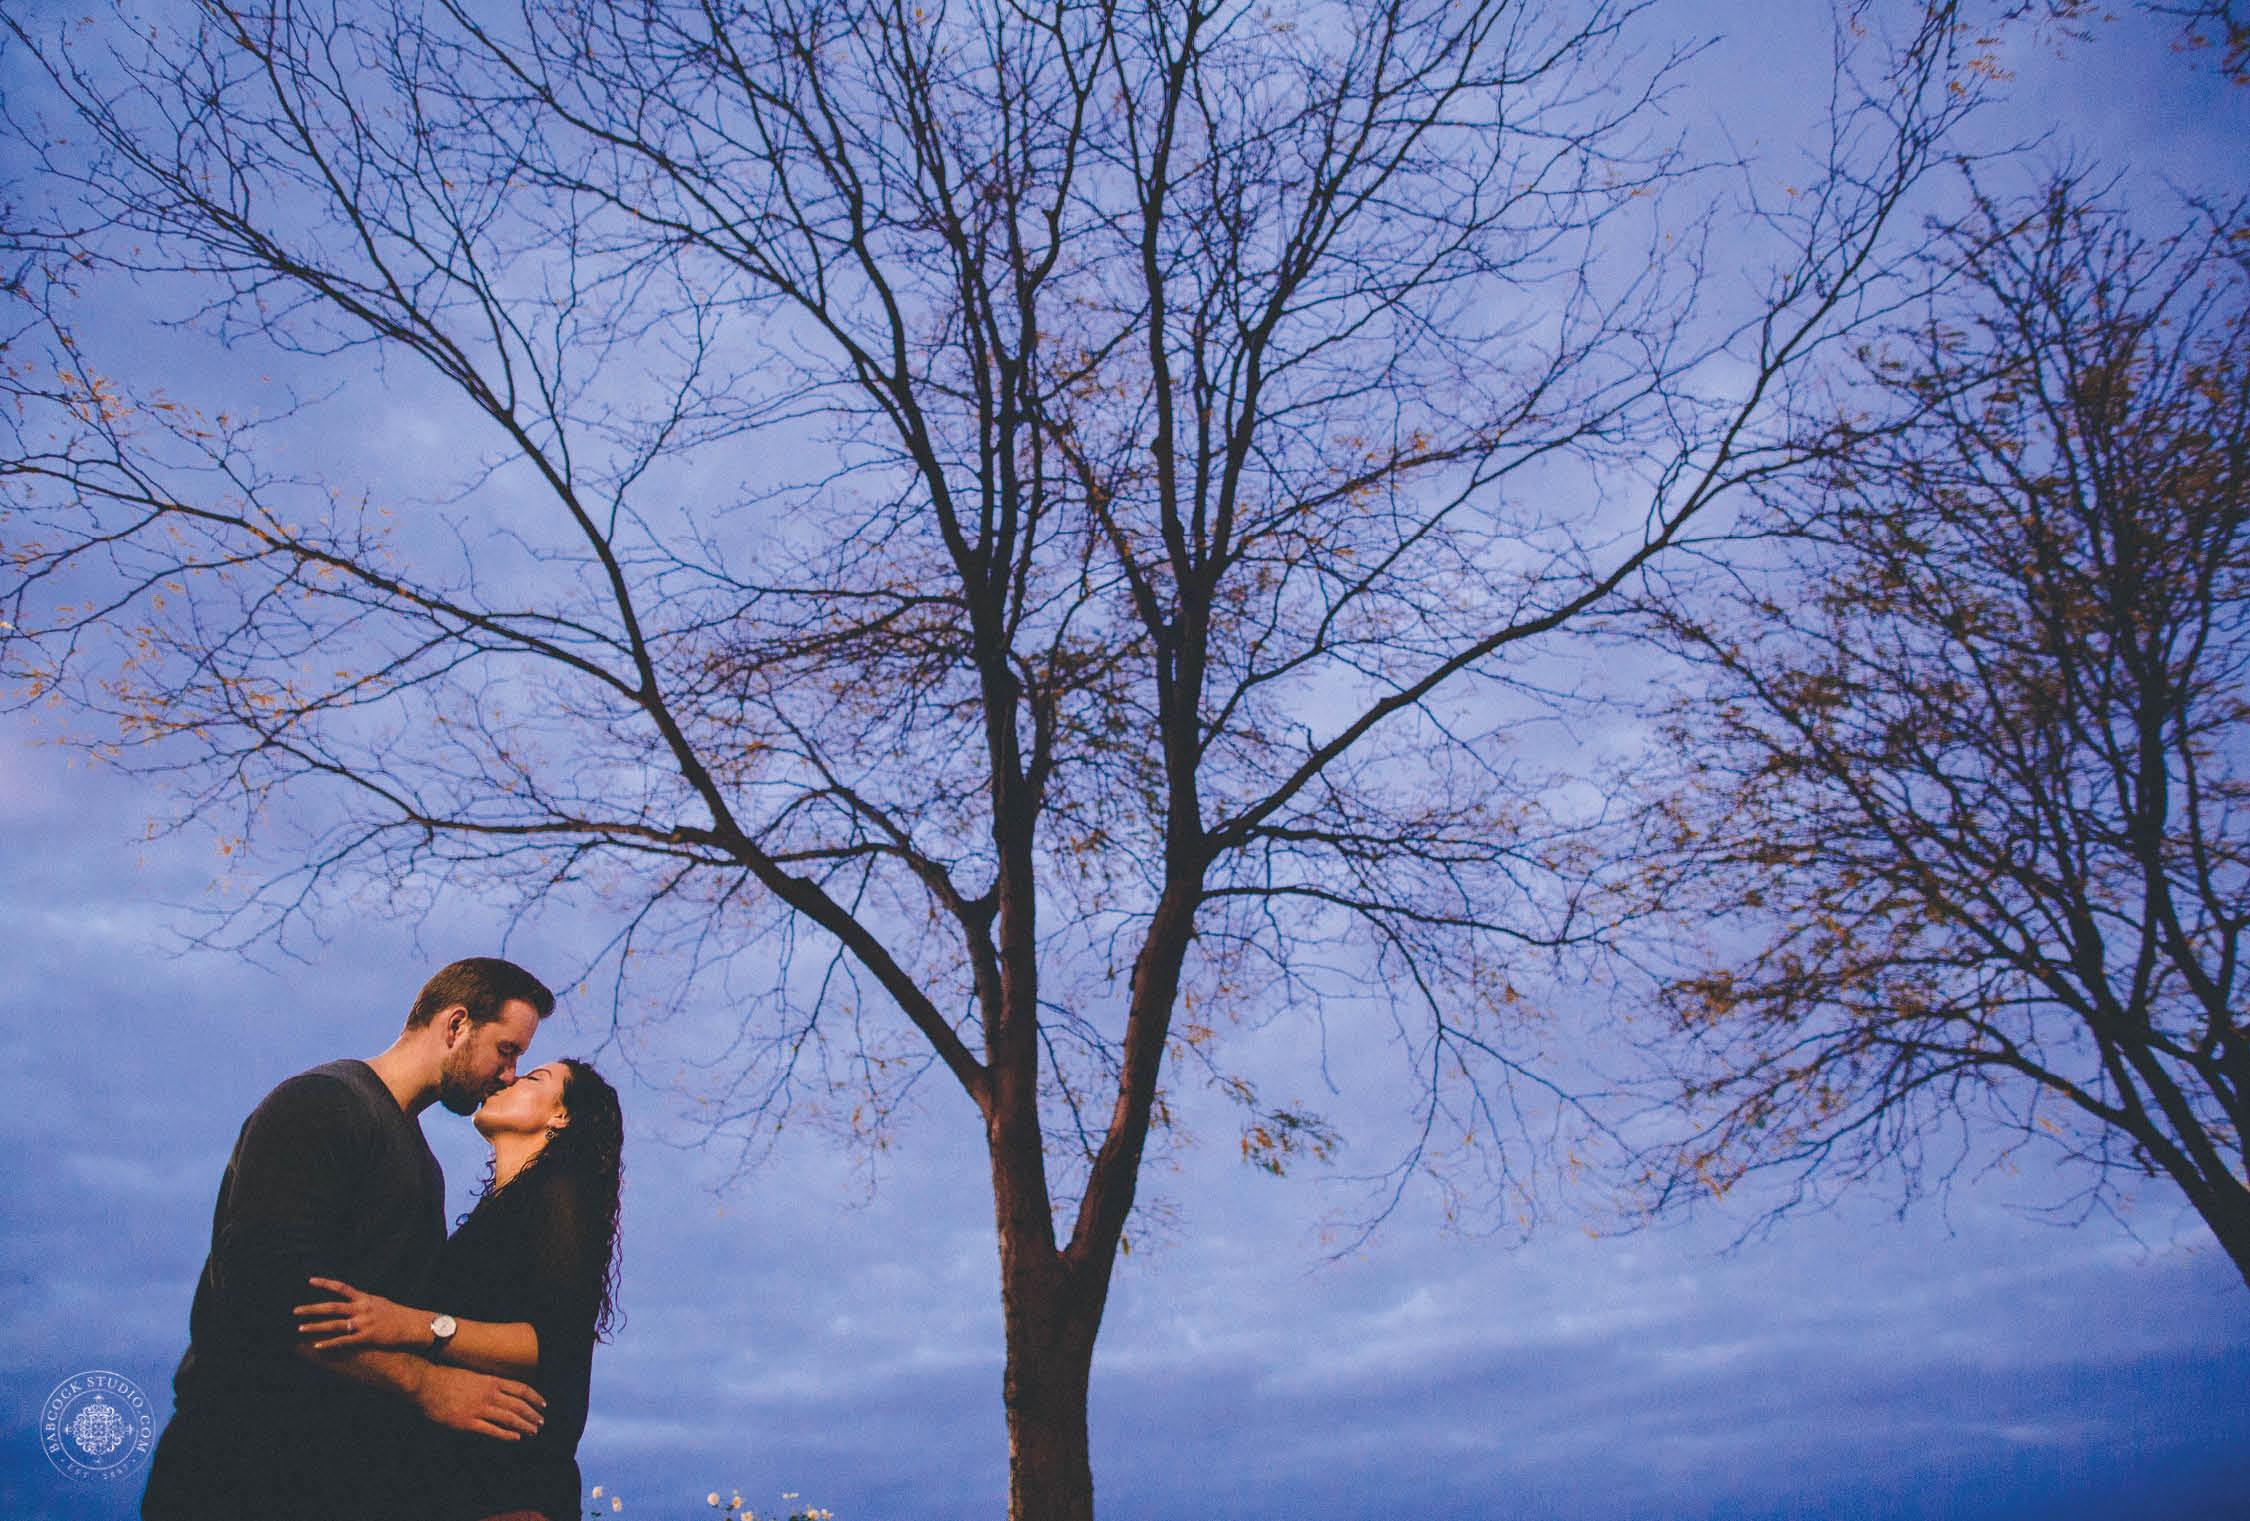 makayla-paul-engagement-photographer-dayton-ohio-12.jpg